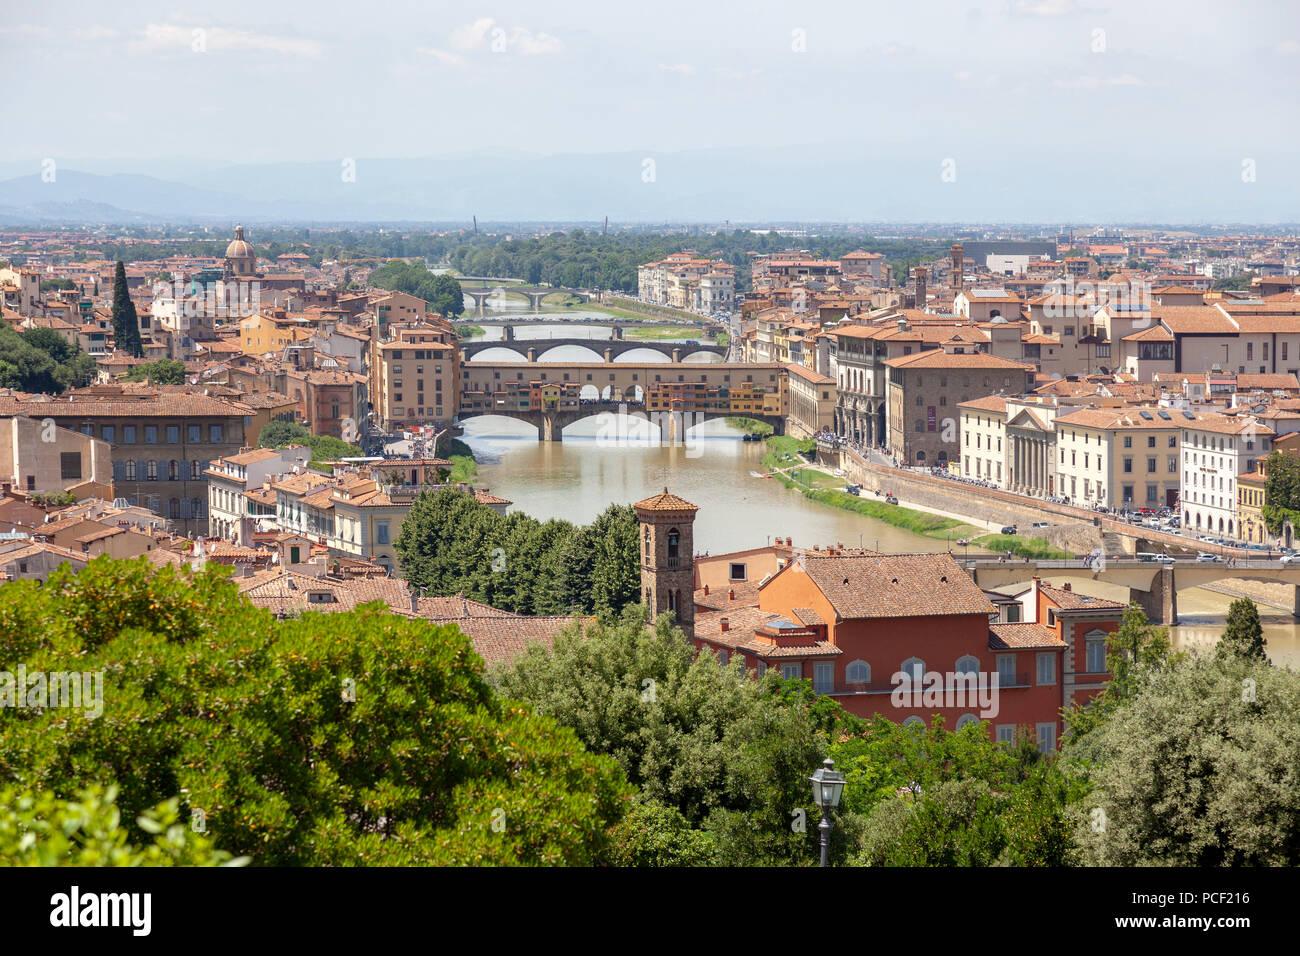 Visto dalla parte orientale del vantage point di Piazzale Michelangelo: i ponti di Firenze, principalmente il celeberrimo Ponte Vecchio (Toscana - Italia). Foto Stock